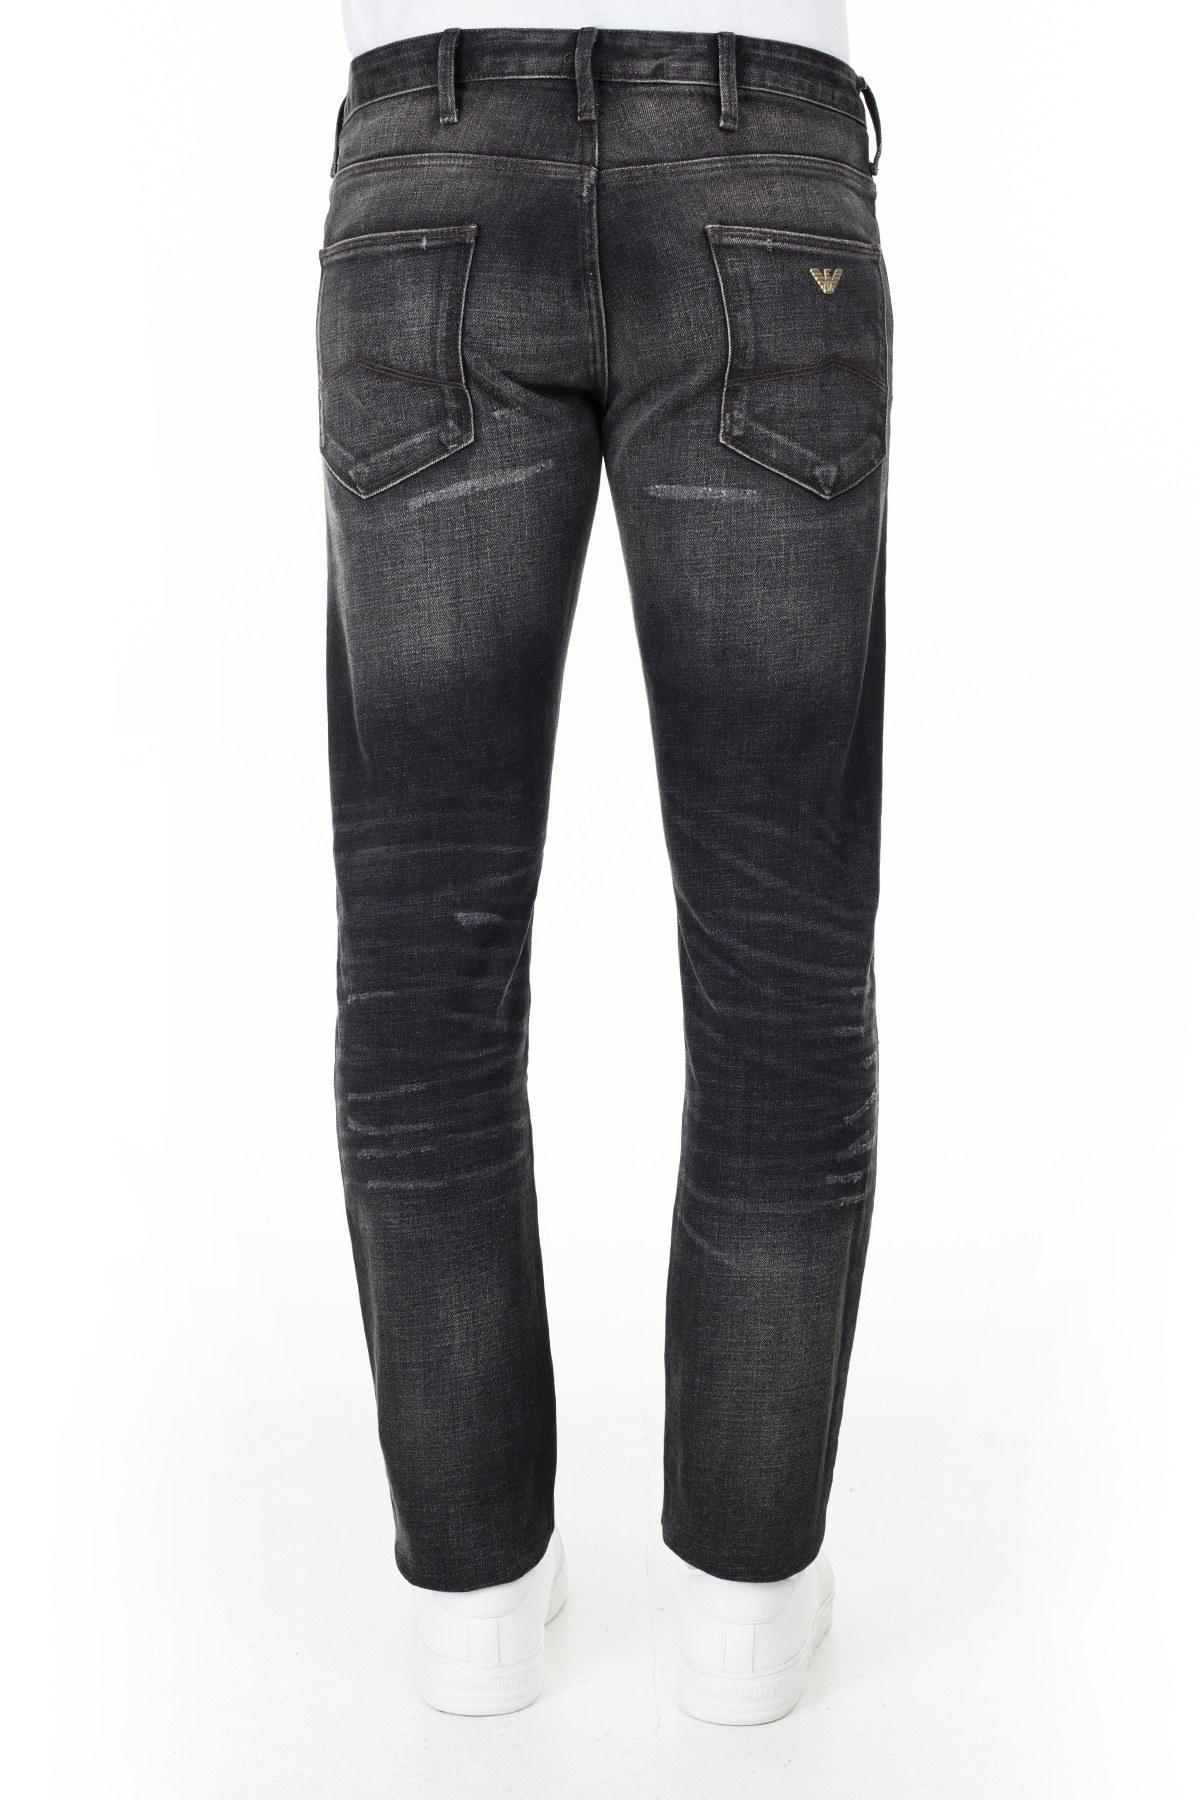 Emporio Armani J06 Jeans Erkek Kot Pantolon S 6G1J06 1D6YZ 0005 SİYAH